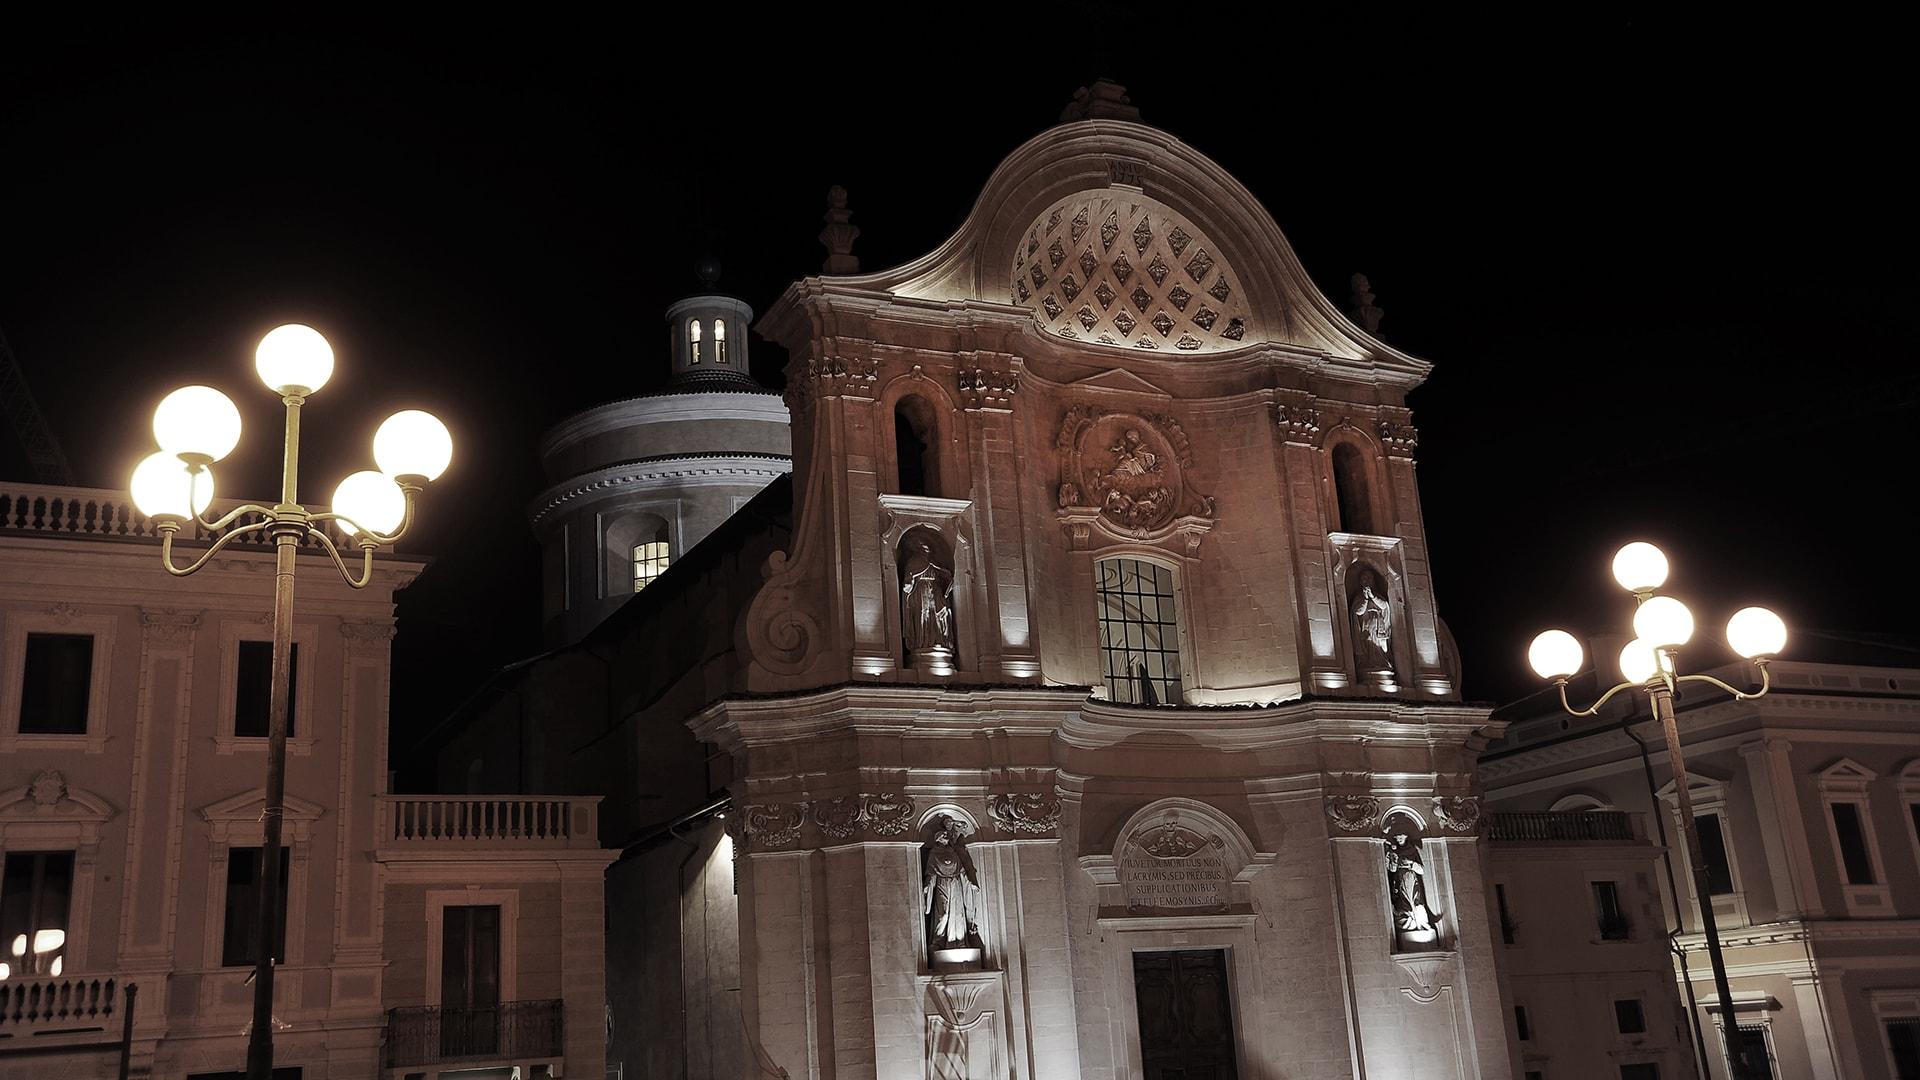 chiesa-santa-maria-suffragio-anime-sante-laquila-abruzzo-immagine-restauro-organo-22